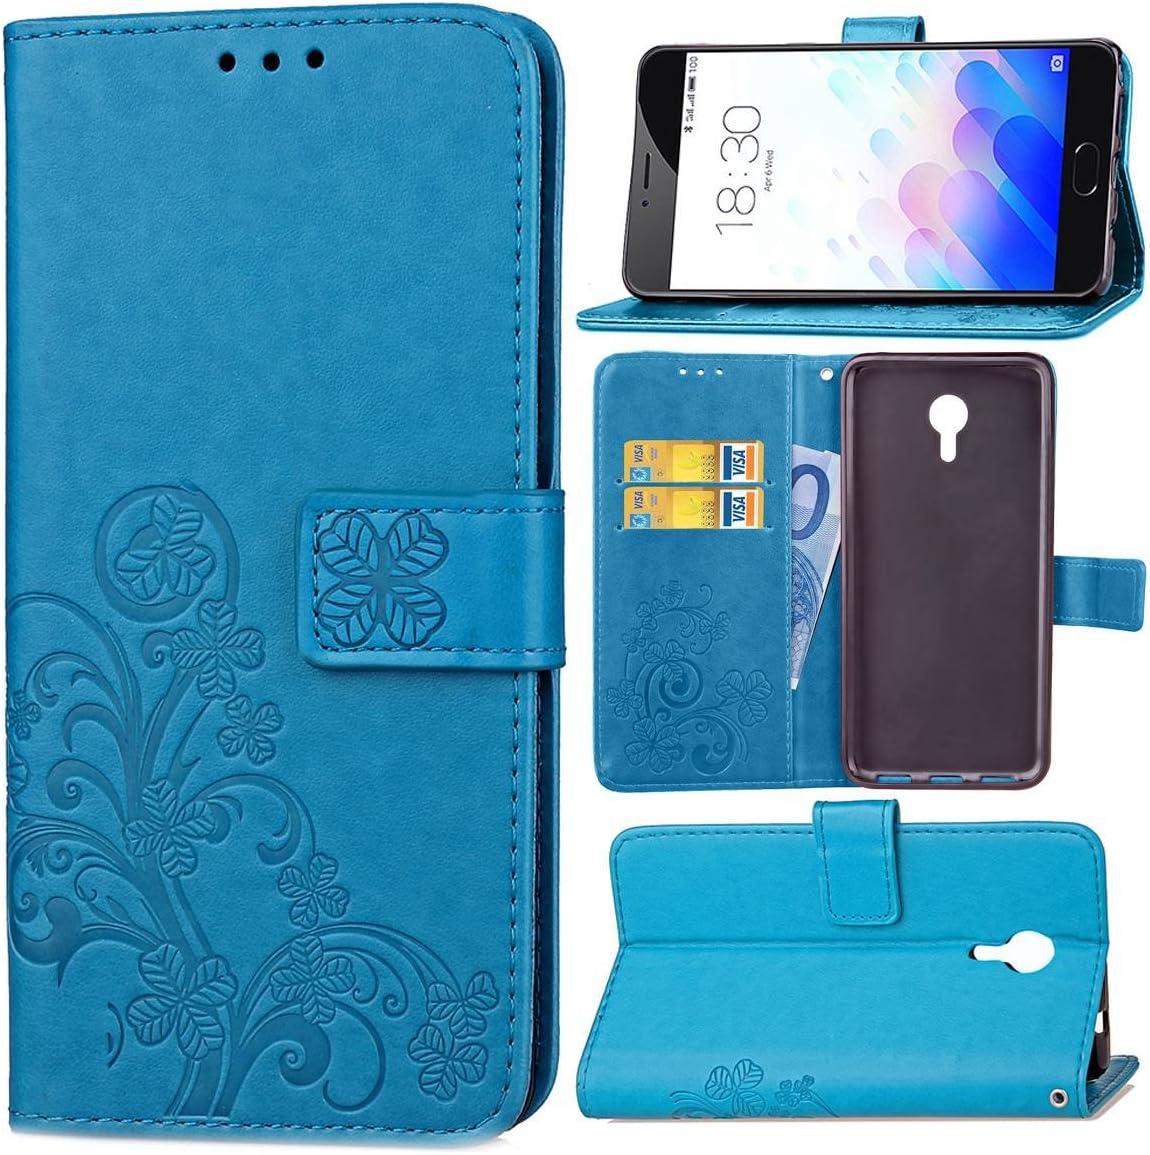 Guran® Funda de Cuero PU para Meizu M3 Note Smartphone Función de Soporte con Ranura para Tarjetas Flip Case Trébol de la Suerte en Relieve Patrón Cover: Amazon.es: Electrónica